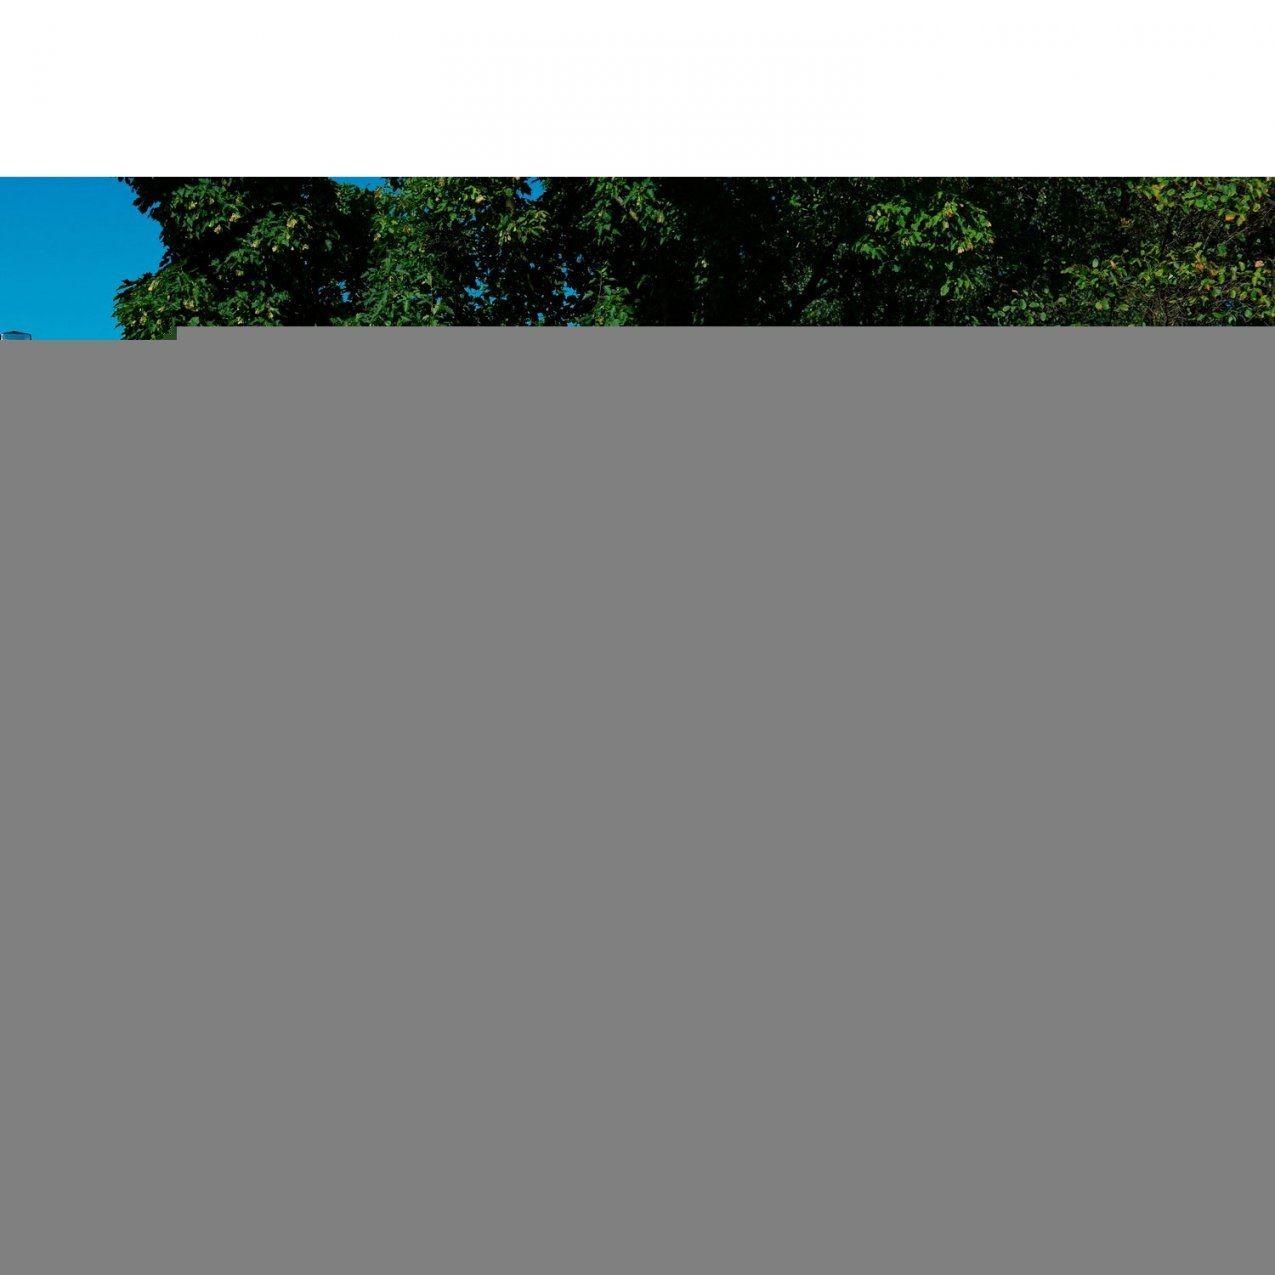 Sichtschutzzaunelement Jutland Larche Natur 178 Cm X 178 Cm Kaufen